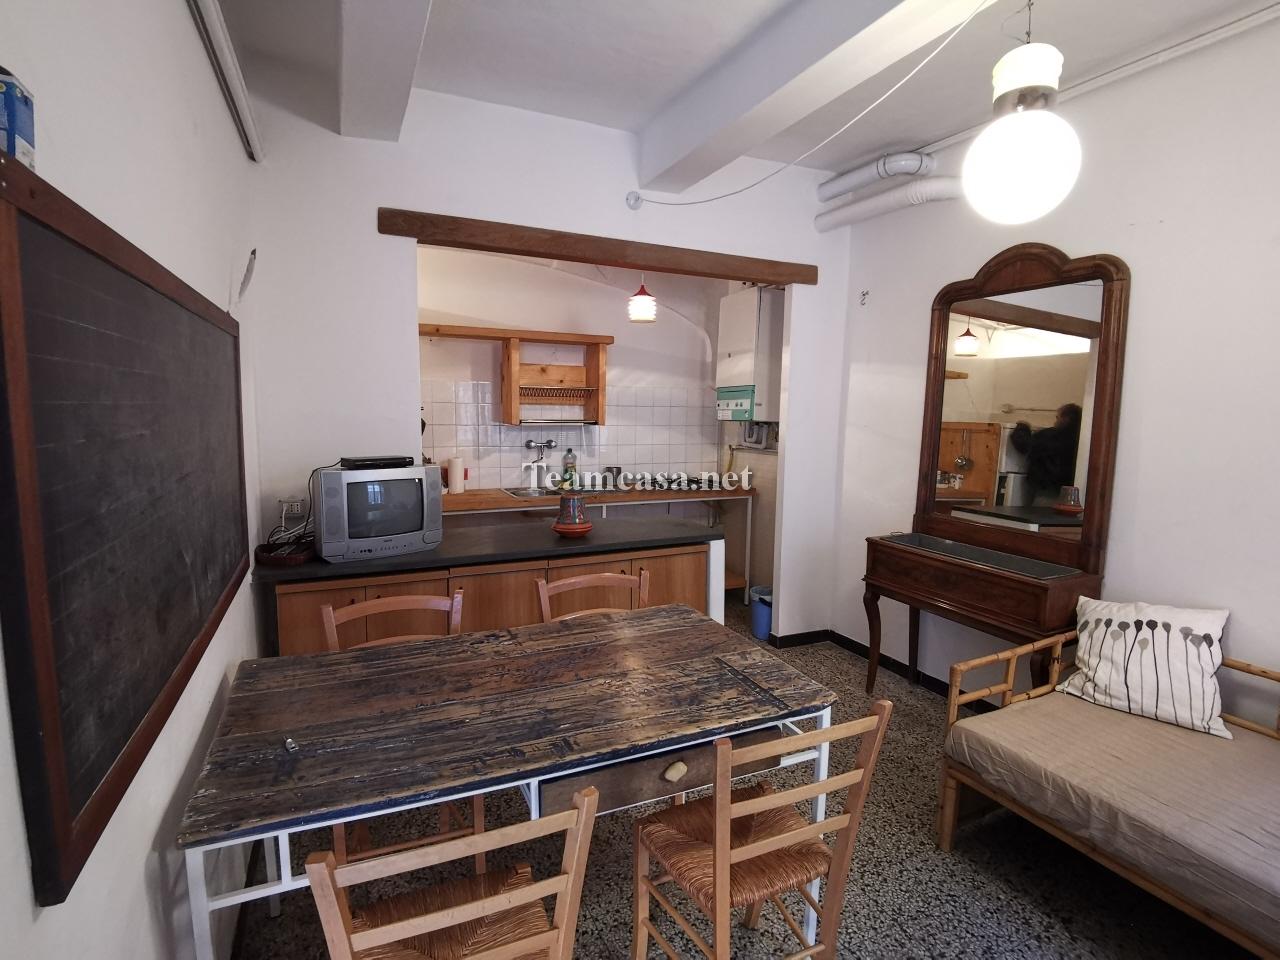 Villa a schiera trilocale in vendita a Pesaro (PU)